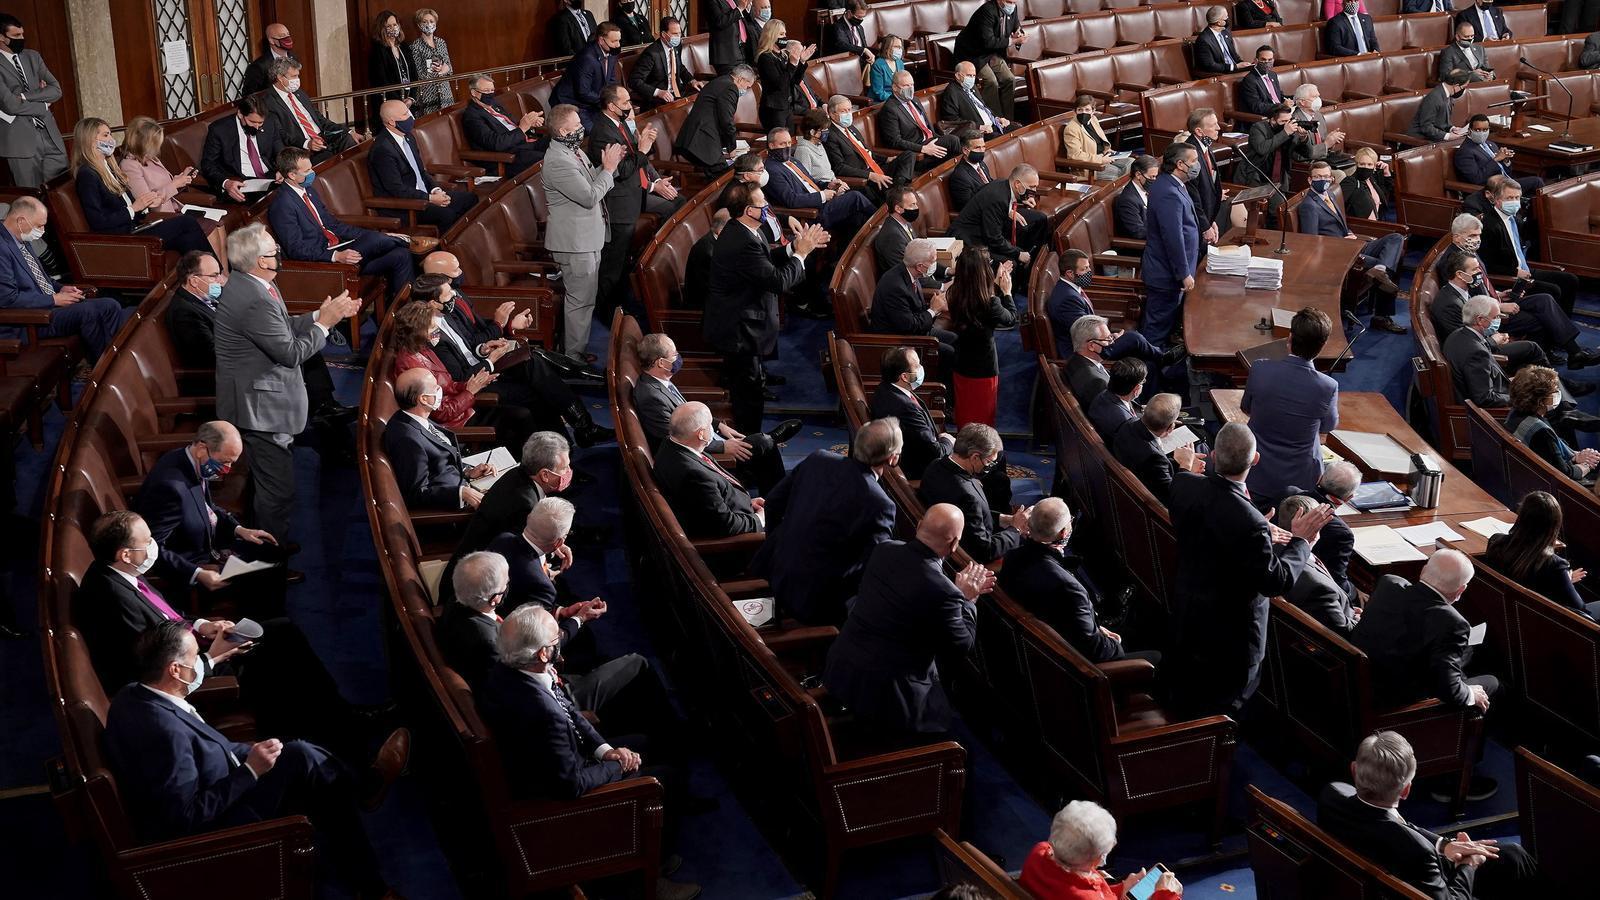 Sessió al congrés dels Estats Units20210106-637455595668507177